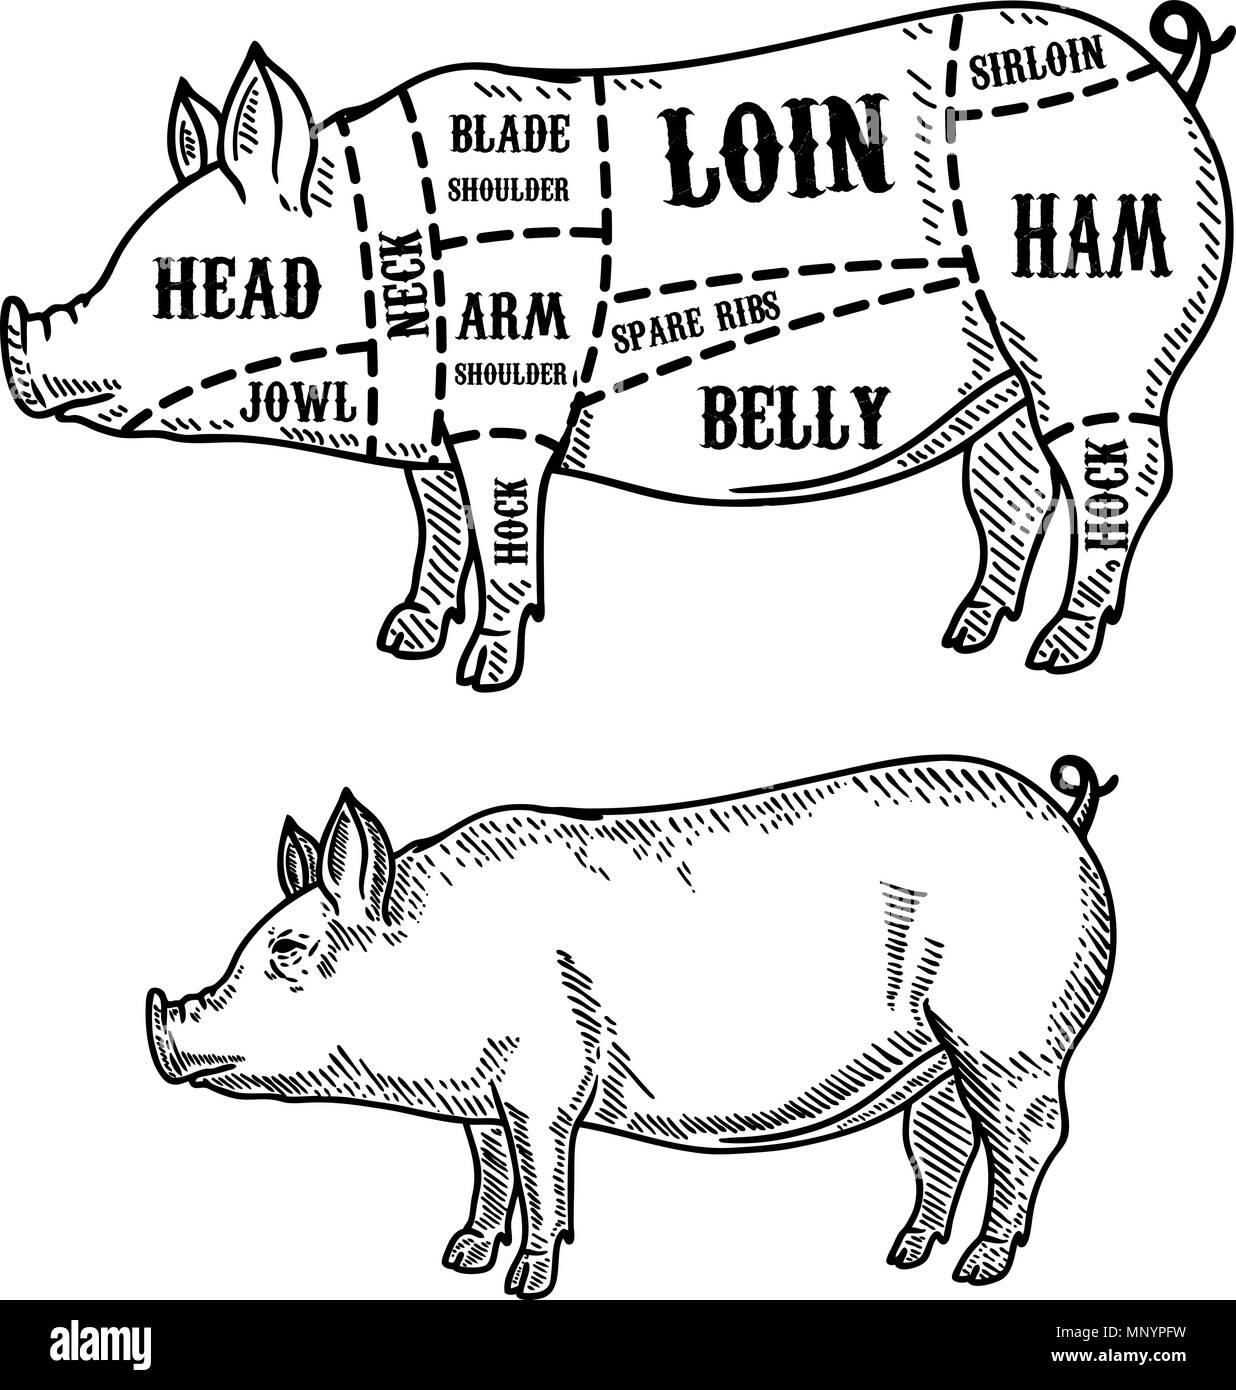 pig butcher diagram. Pork cuts. Design element for poster, card ...